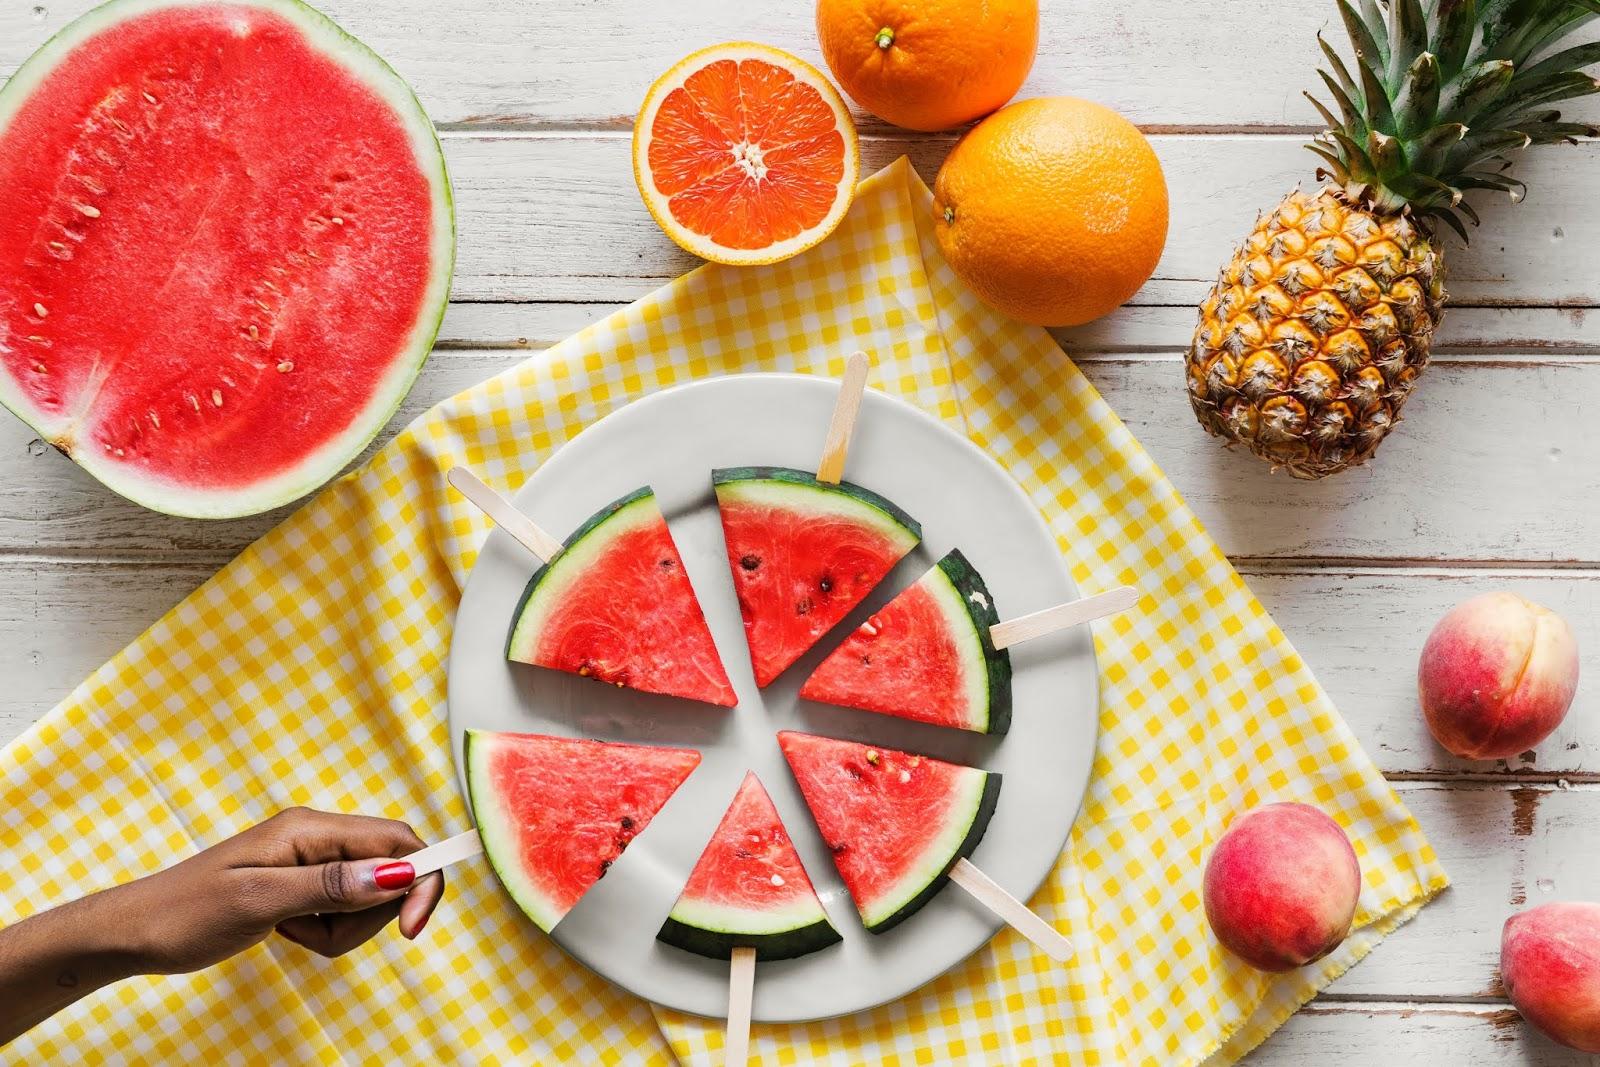 فوائد الاناناس الصحية والغذائية